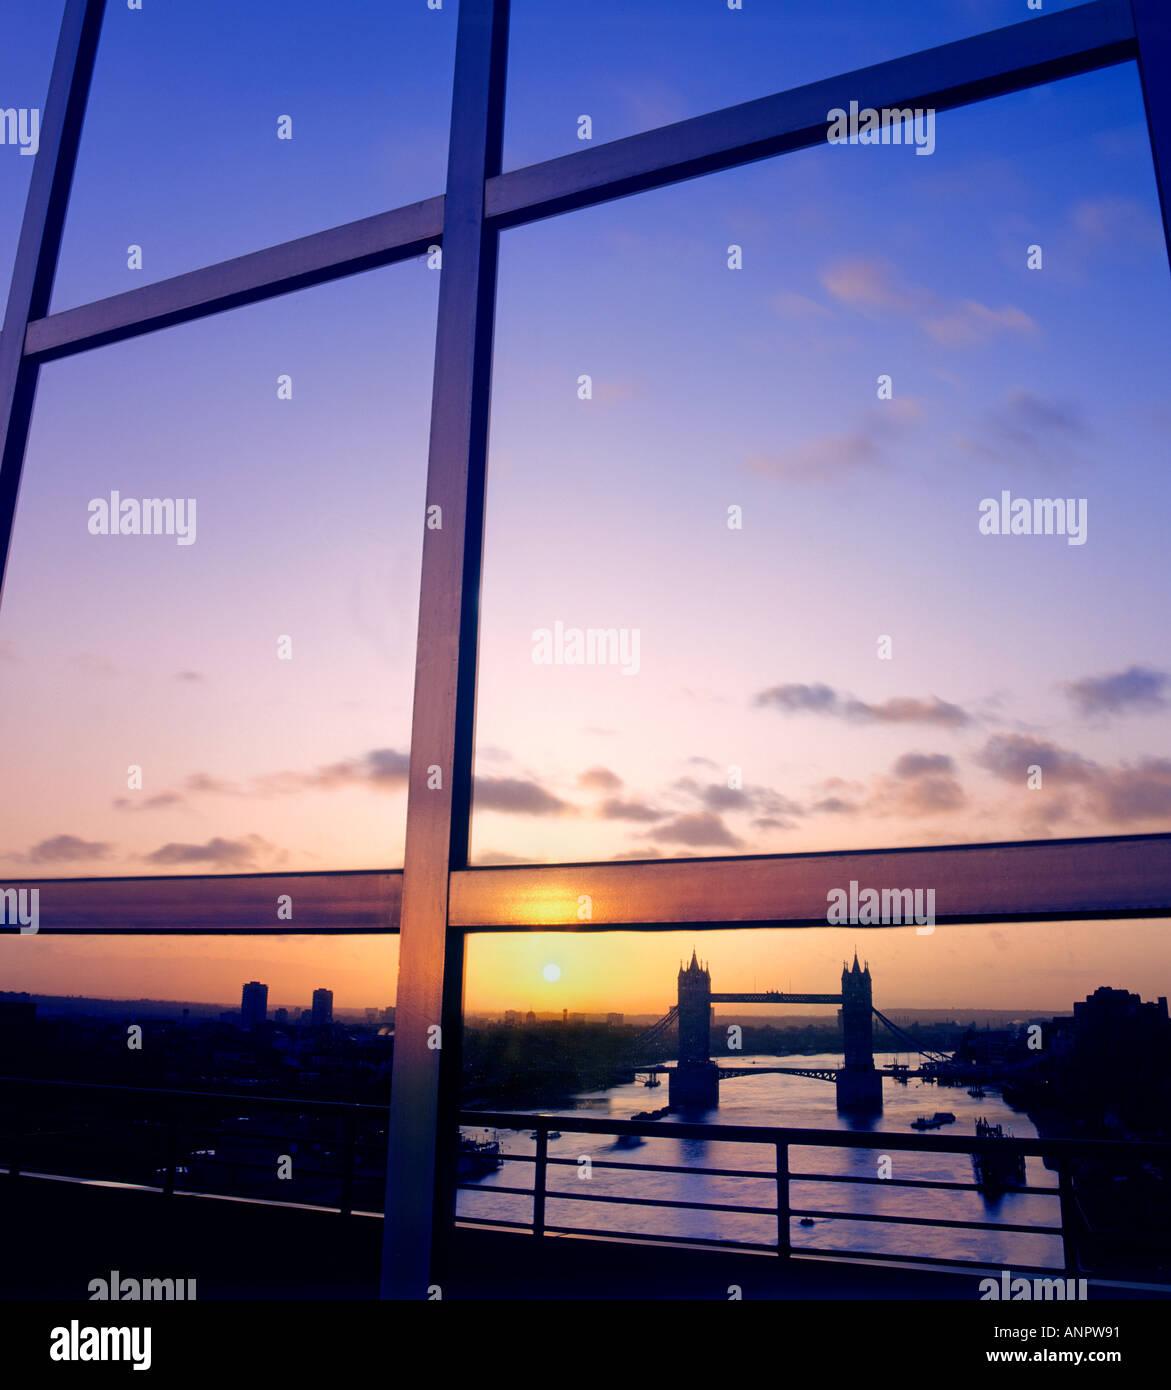 El río Támesis y el Puente de la torre se refleja en la ciudad moderna edificio de oficinas financieras ventanales en Sunrise, Londres, Gran Bretaña. Imagen De Stock